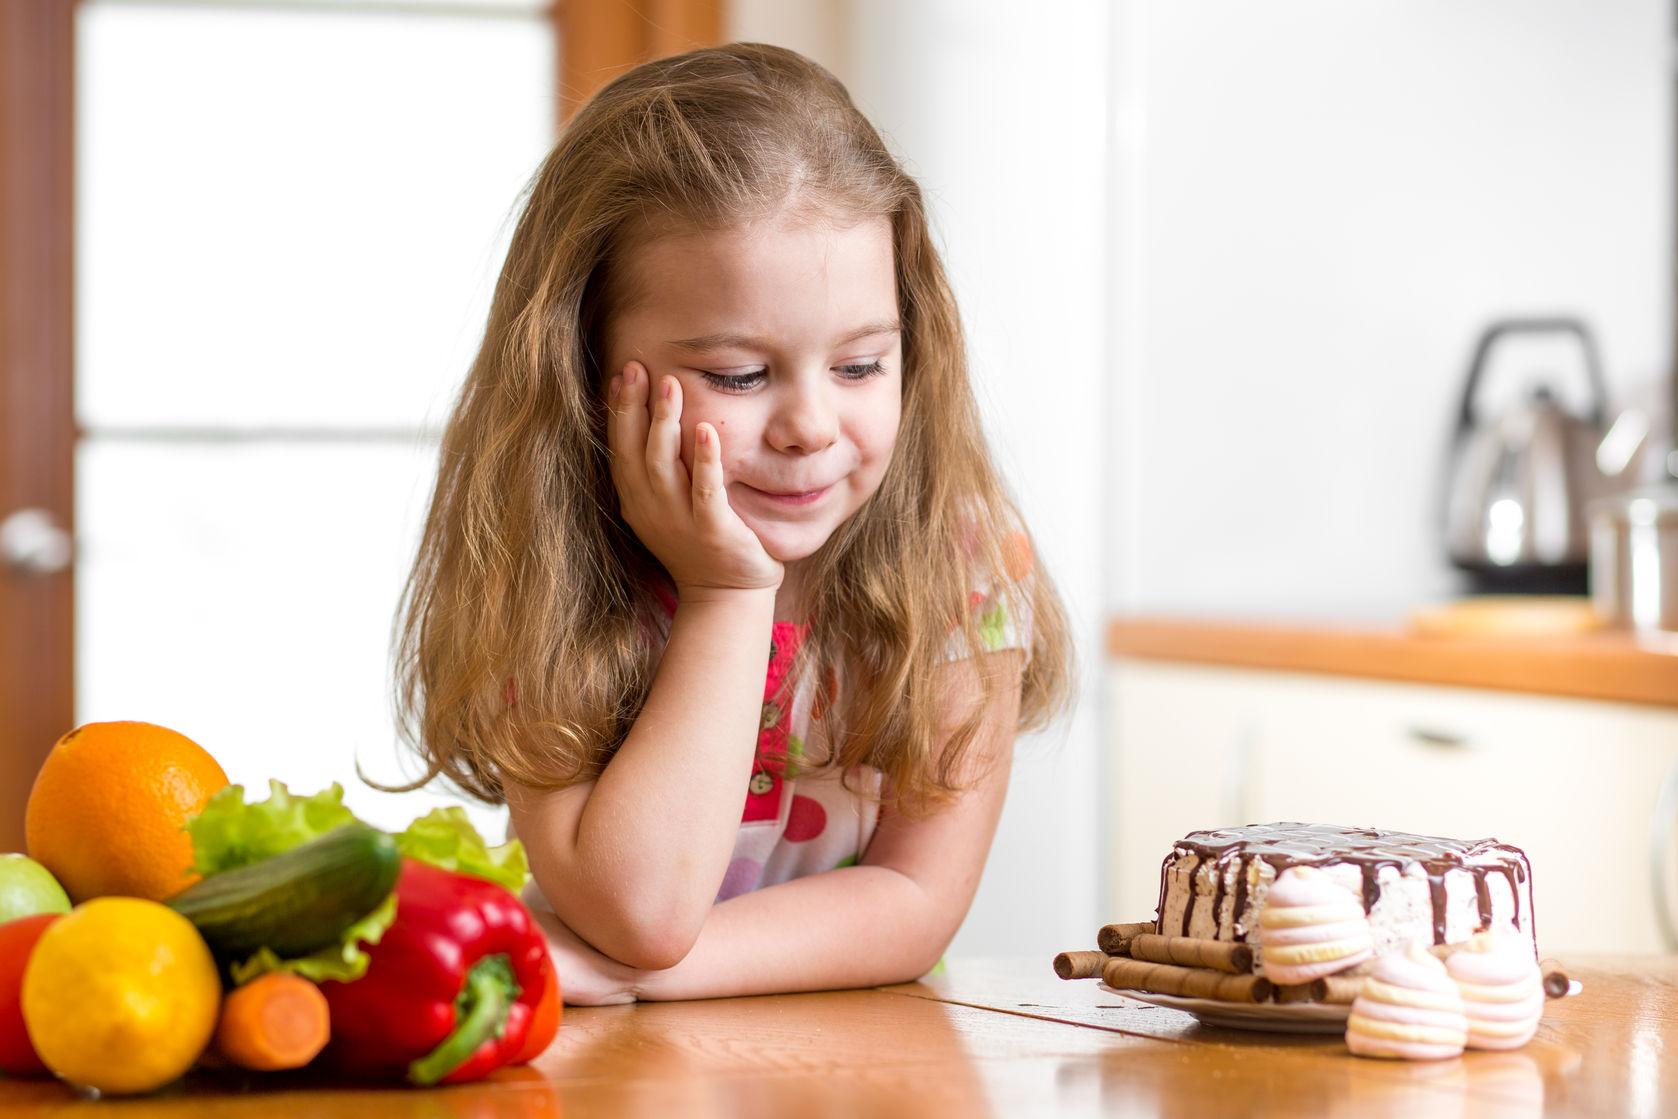 5 эффективных способов научить ребенка ждать без капризов